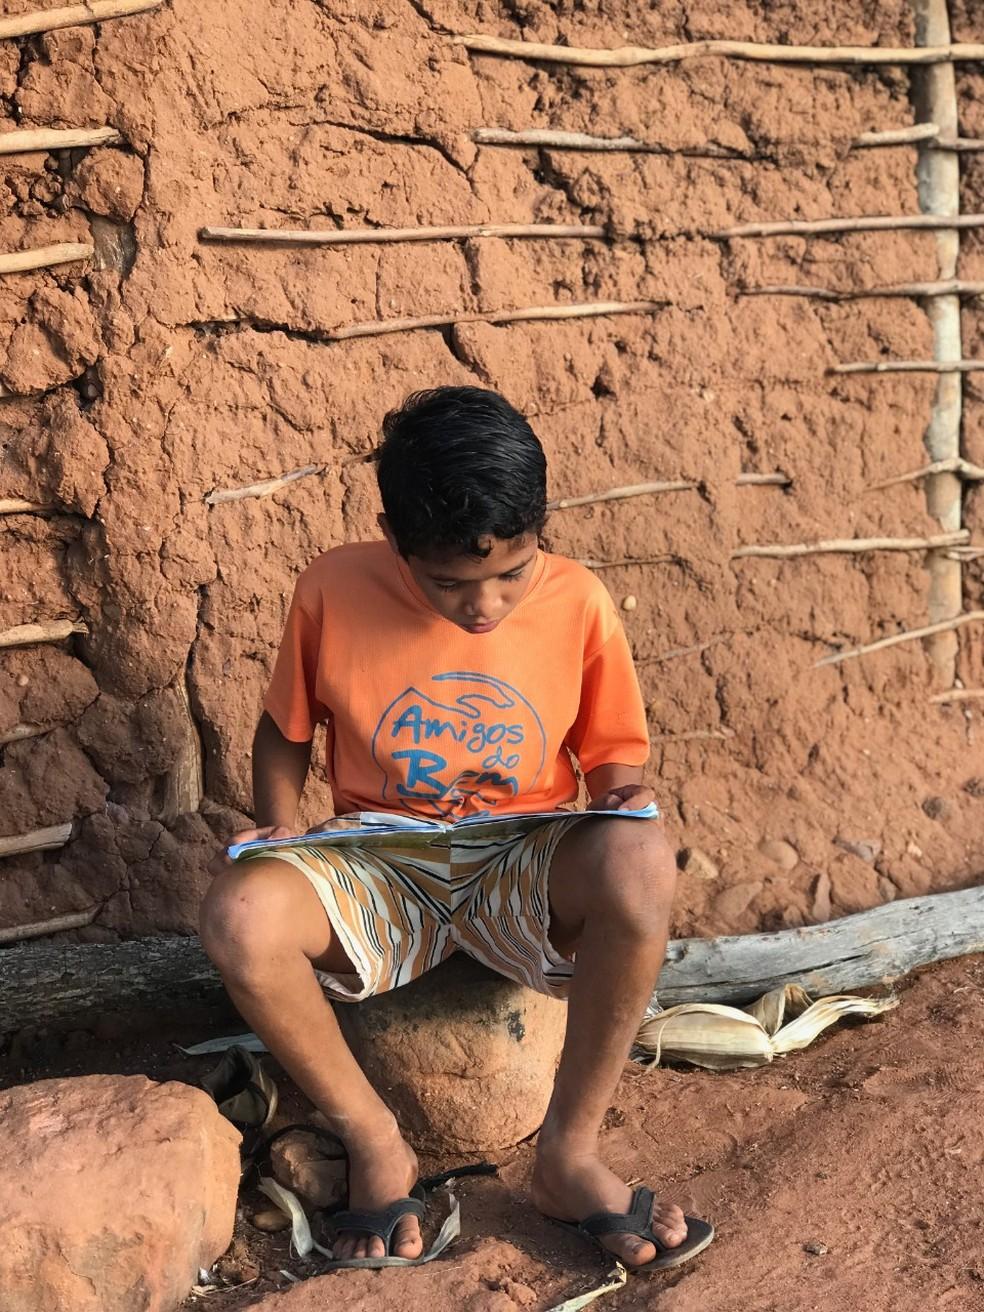 Alunos do sertão nordestino recebiam merenda em centros educacionais. Com aulas suspensas, passam fome e sede.  — Foto: Divulgação/Amigos do Bem